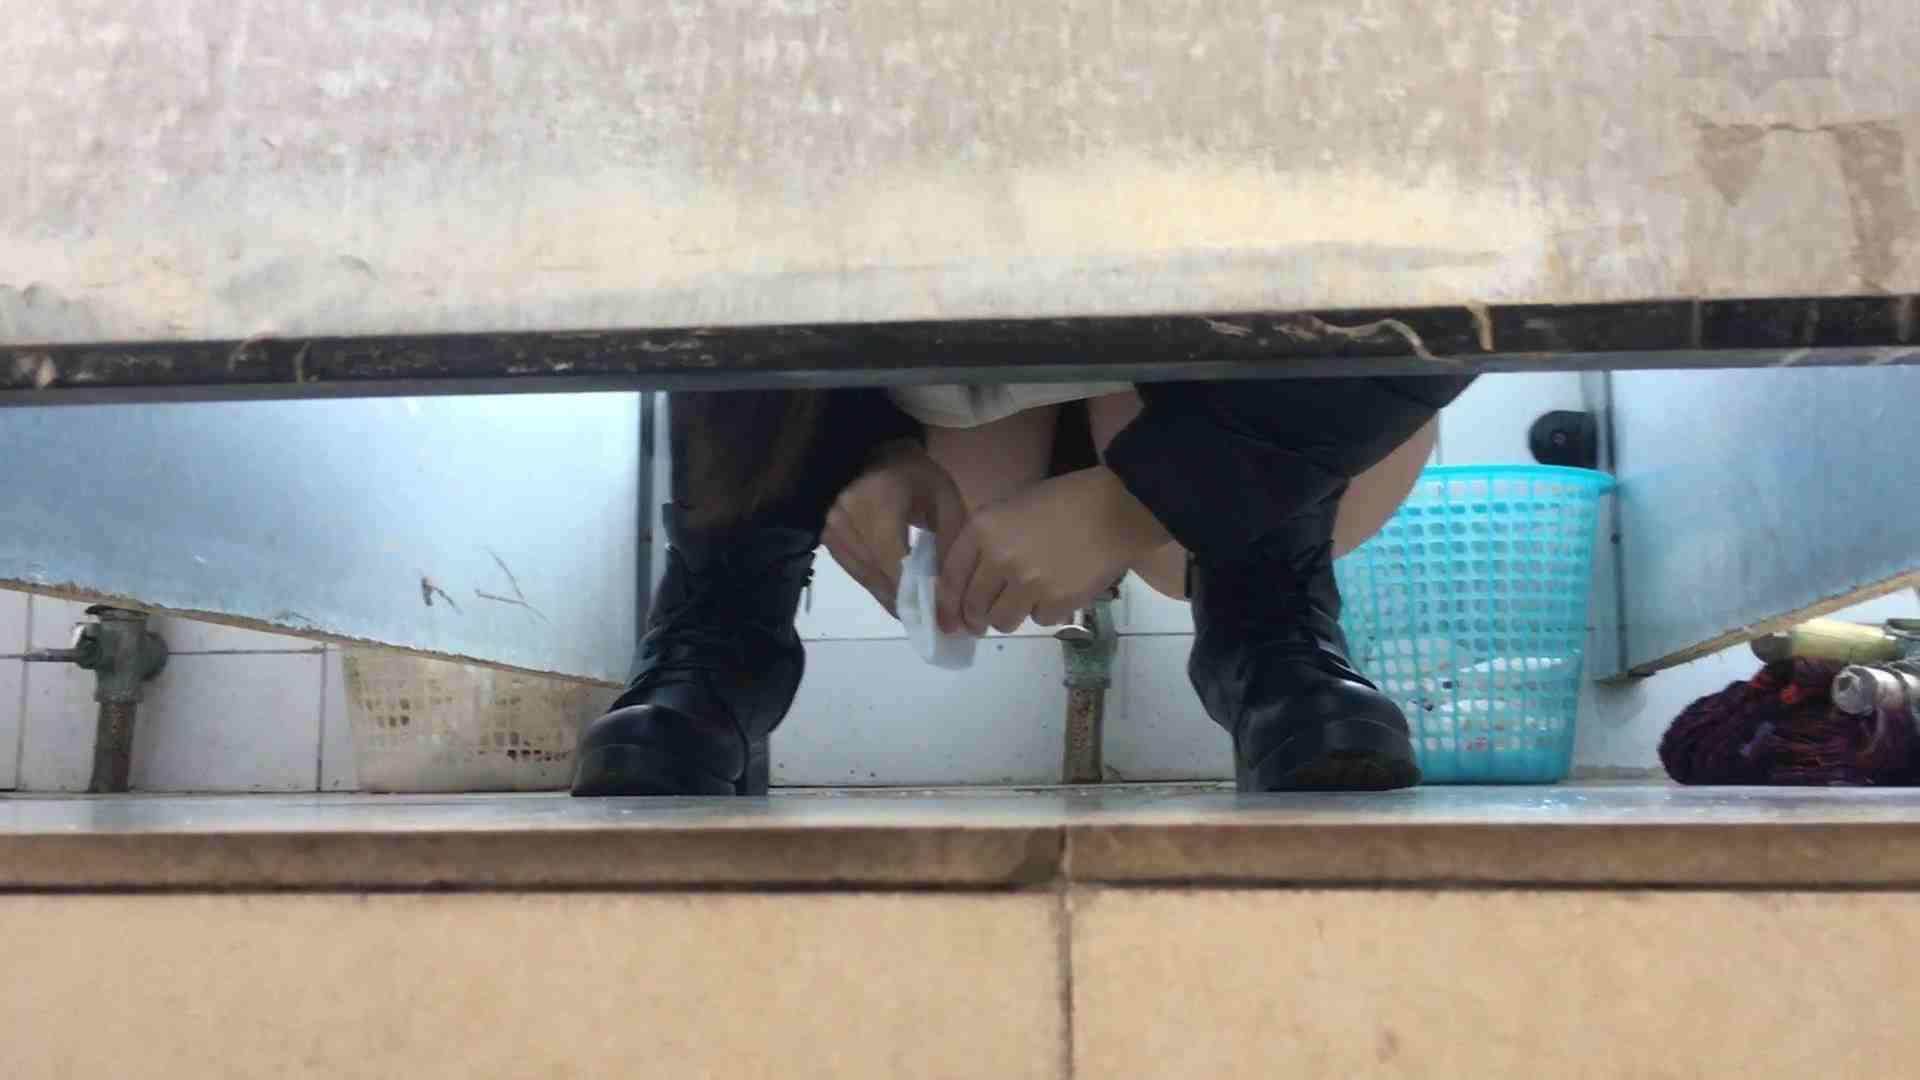 芸術大学ガチ潜入盗撮 JD盗撮 美女の洗面所の秘密 Vol.90 洗面所着替え | 盗撮エロすぎ  44連発 20